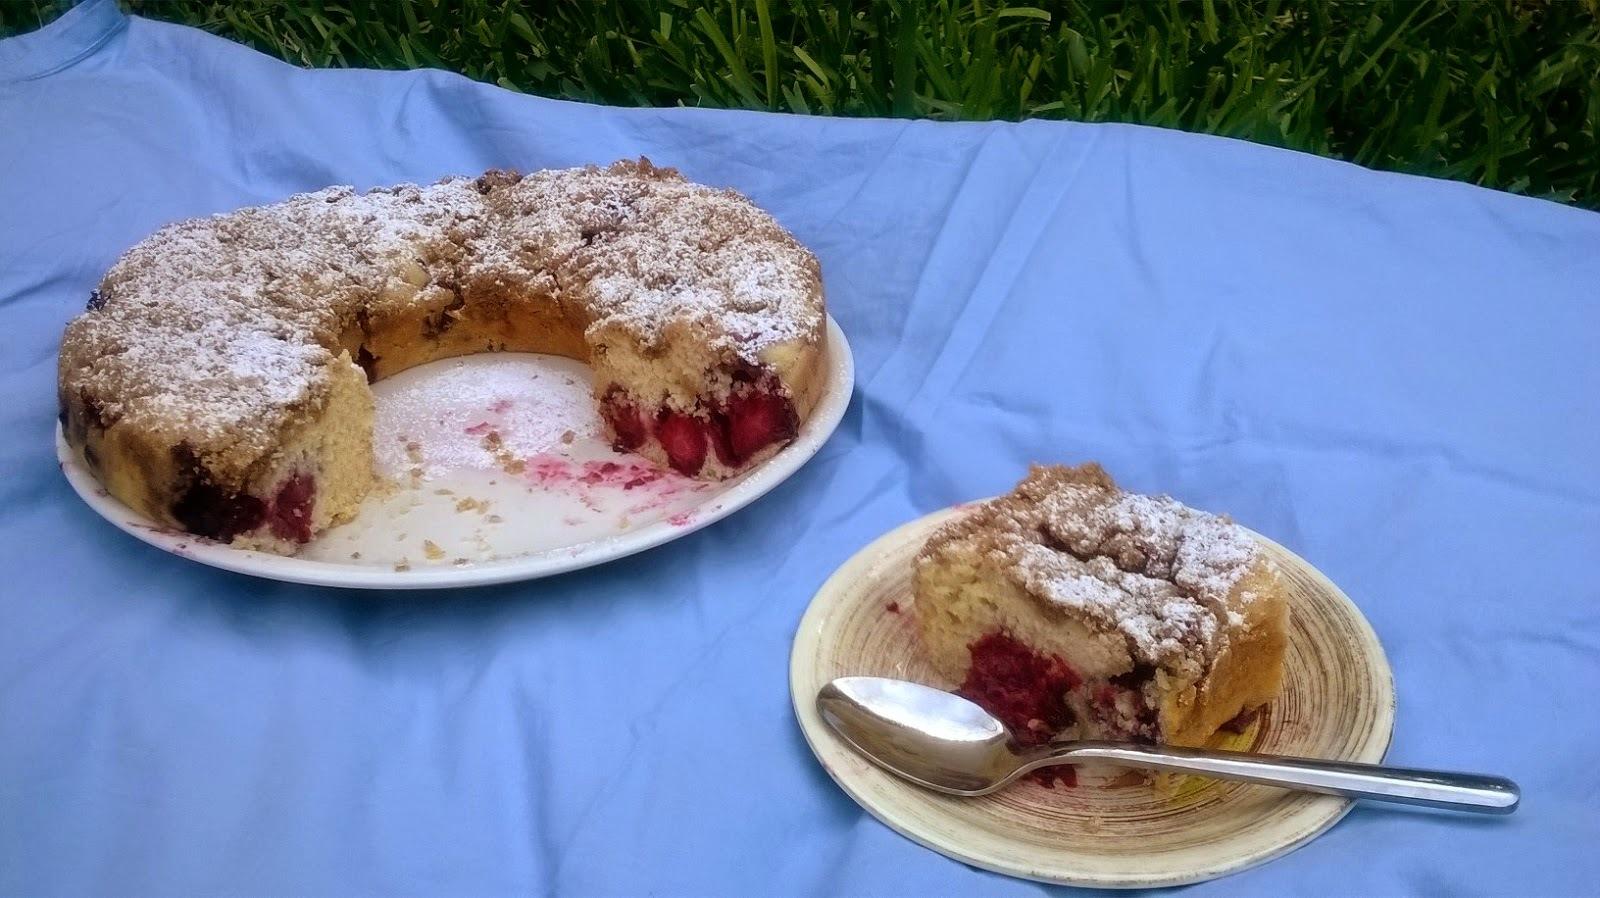 Blackberry Crum Cake {Rosca de Zarzamora con Crumble}